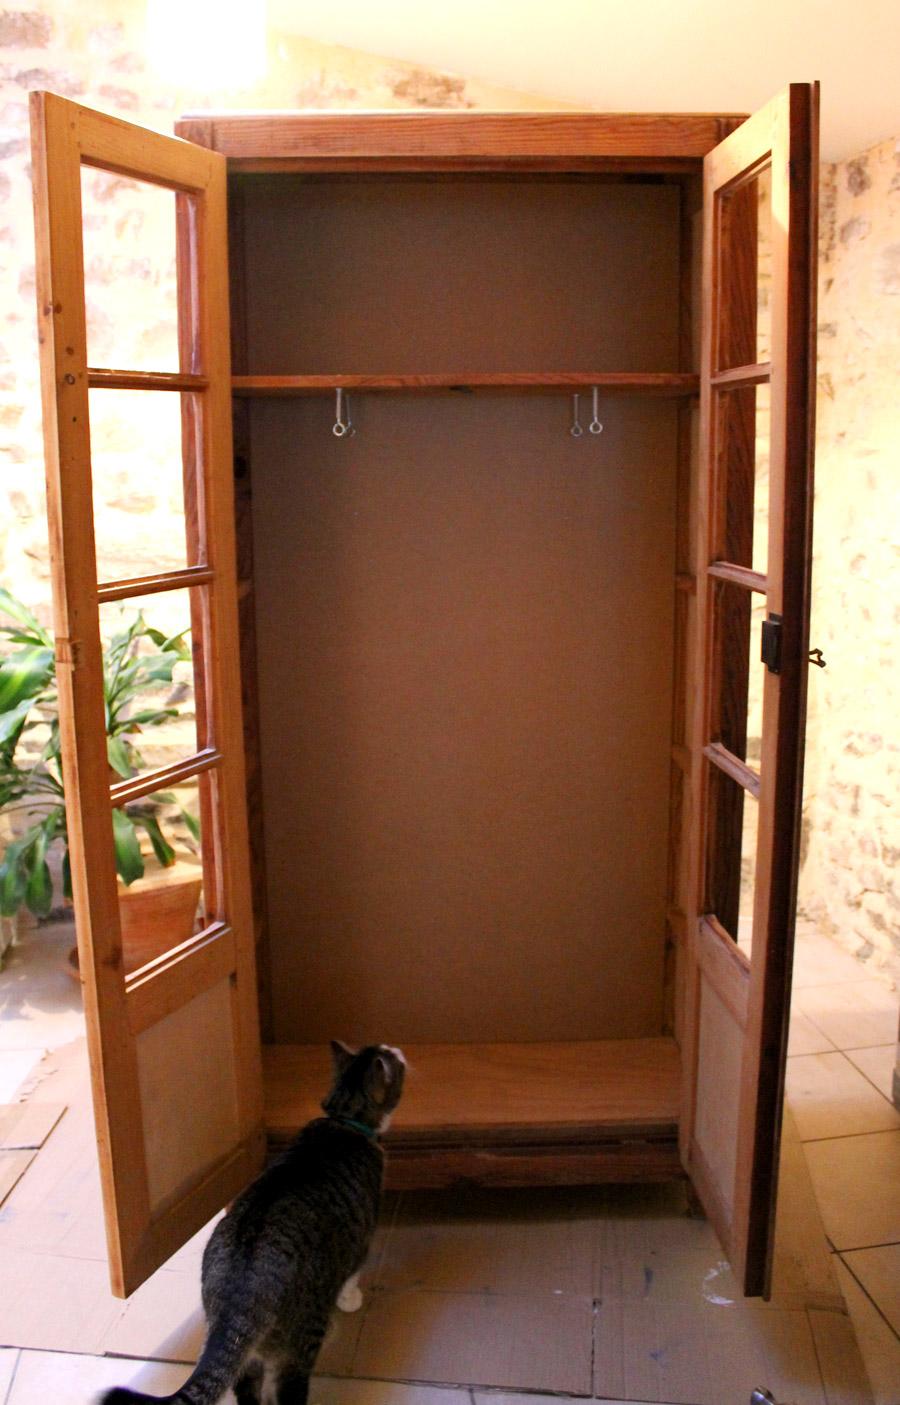 armoire avec un chat